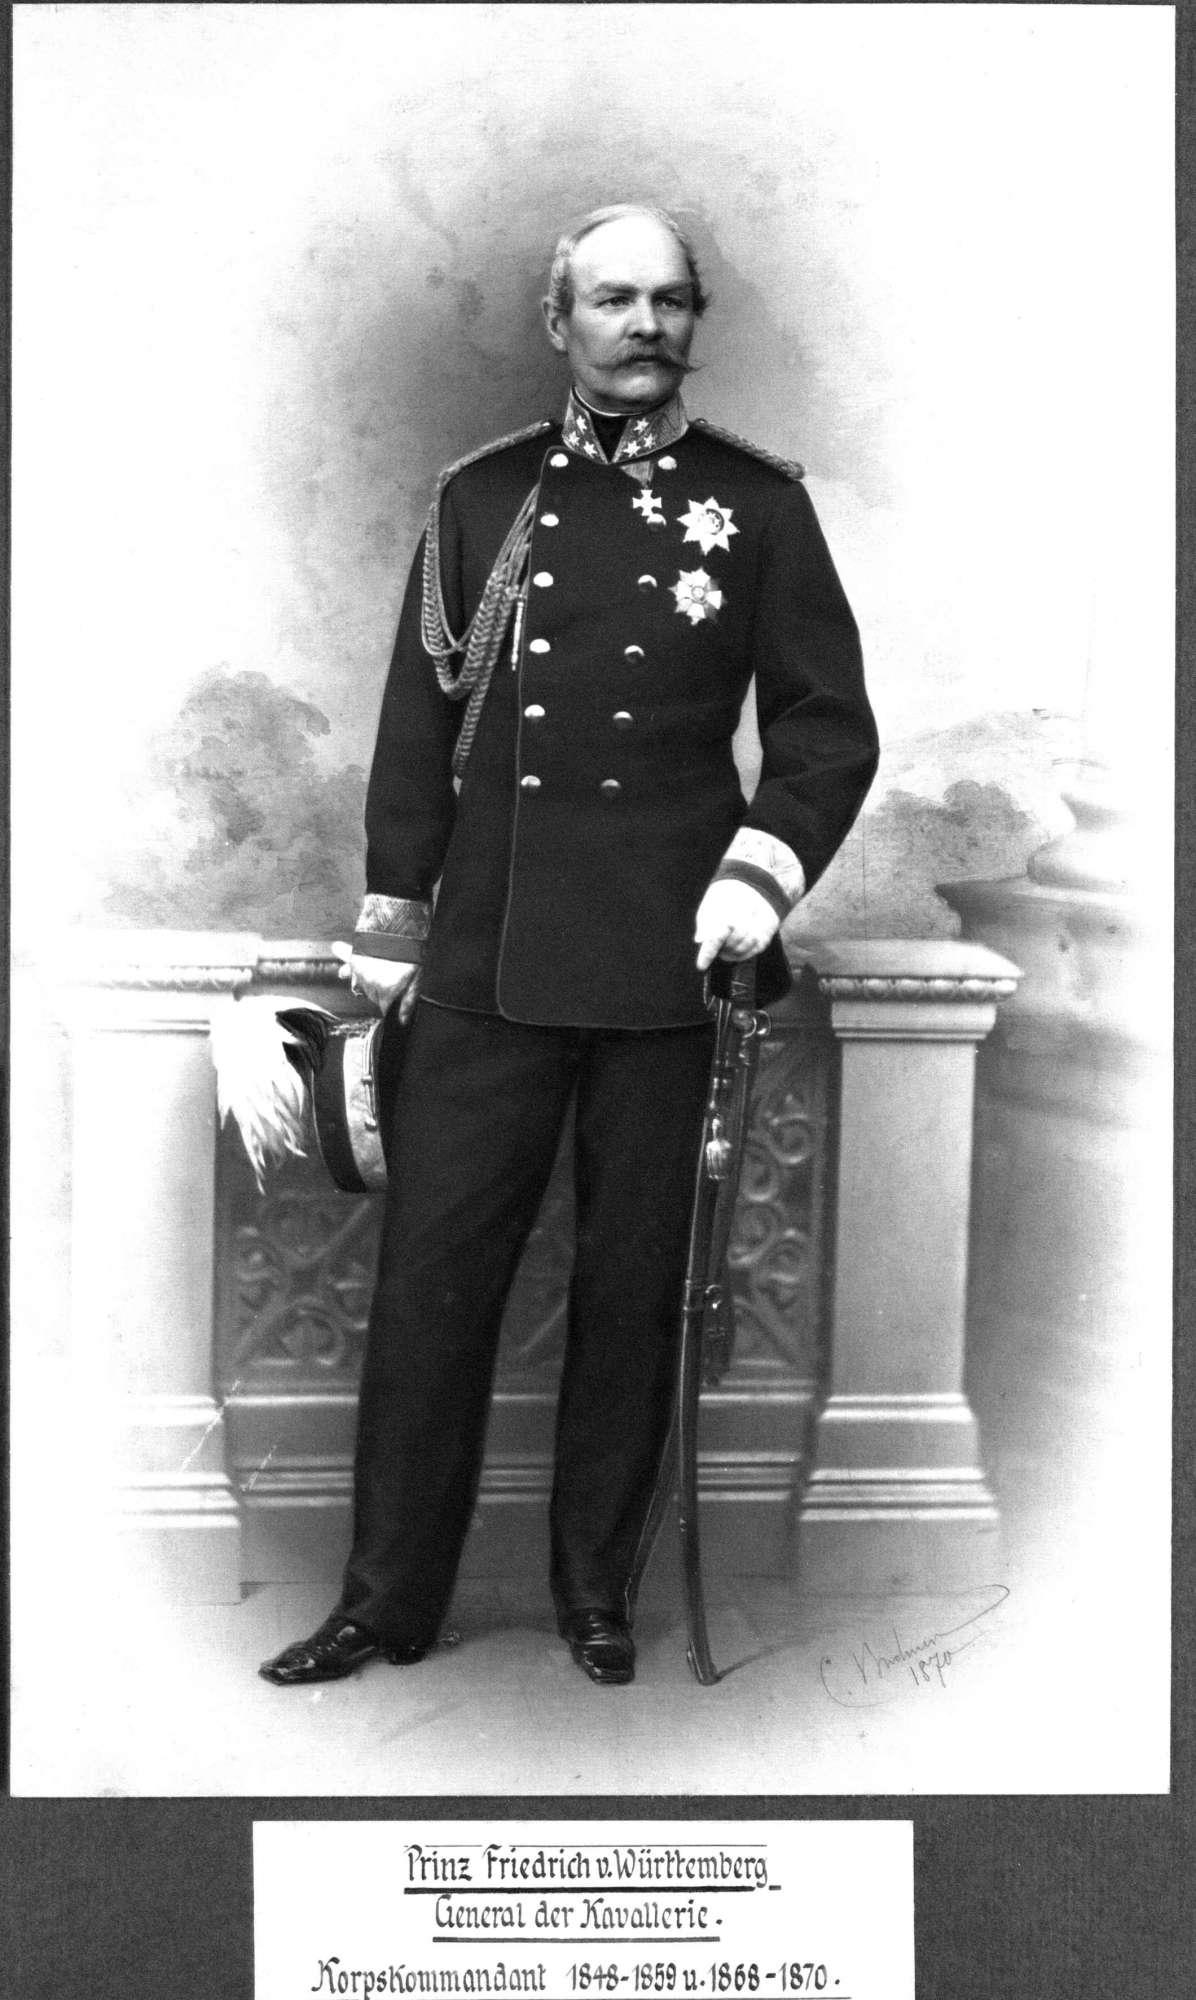 Prinz Friedrich von Württemberg, stehend in Uniform eines Generals der Kavallerie mit Orden, in Halbprofil, Bild 1